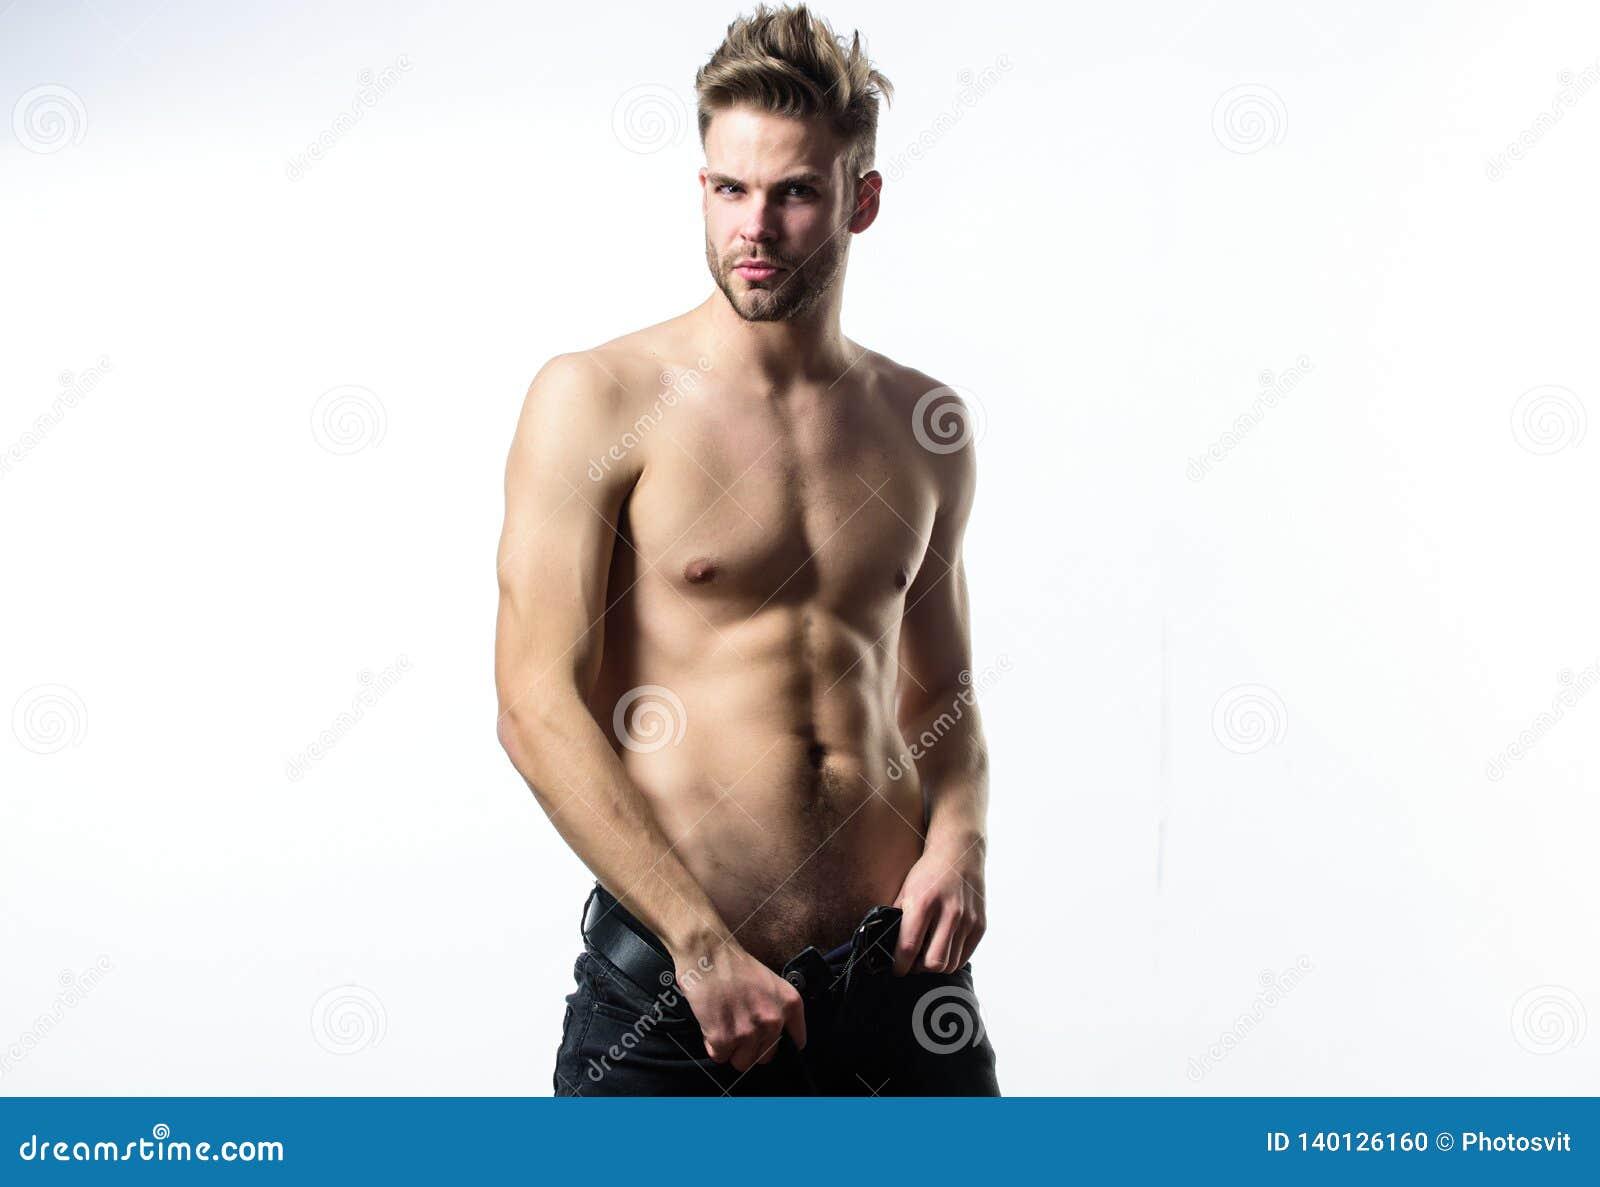 Sexuell kapacitet Mening så varmt Sexig förförisk macho känsla Attraktiv sexig kropp Säkert i hans lockelse